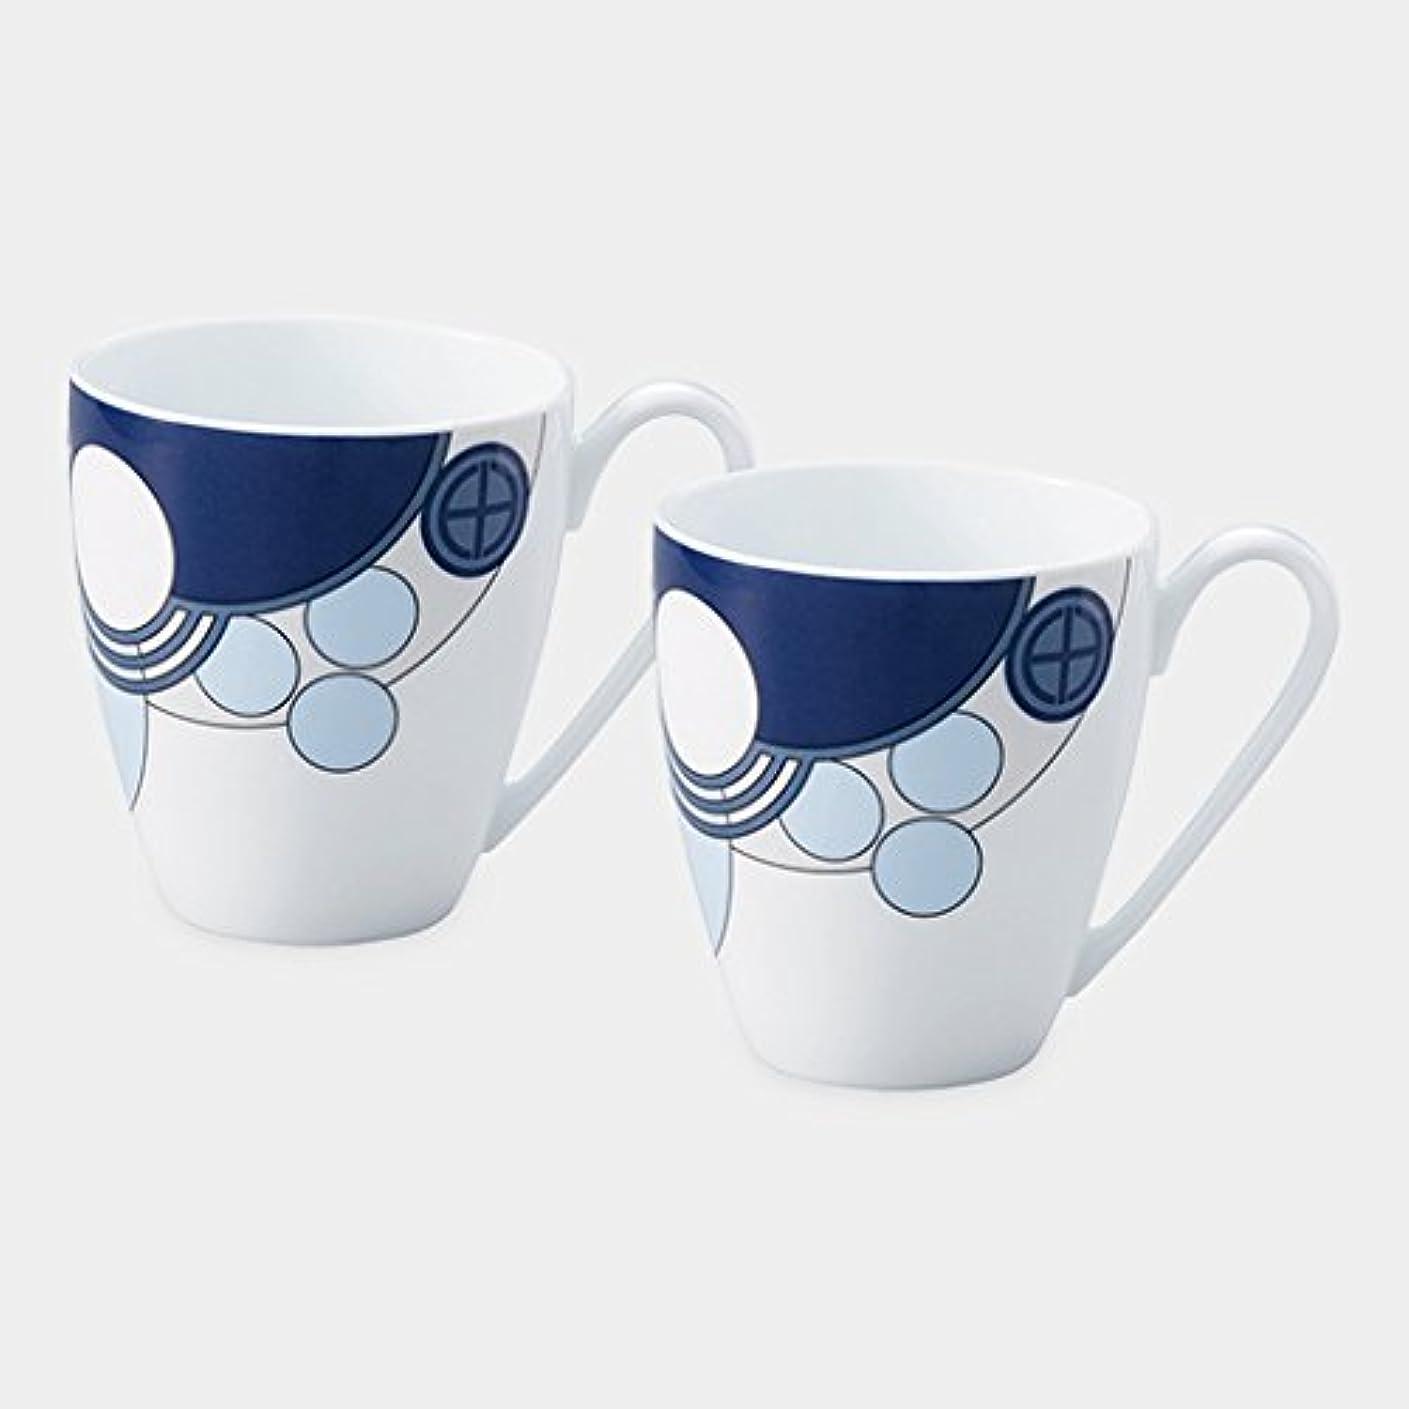 シングル噂試すノリタケ(Noritake) マグカップ マルチ 容量:約330ml Noritake インペリアルブルー マグペアセット WP94957/1701